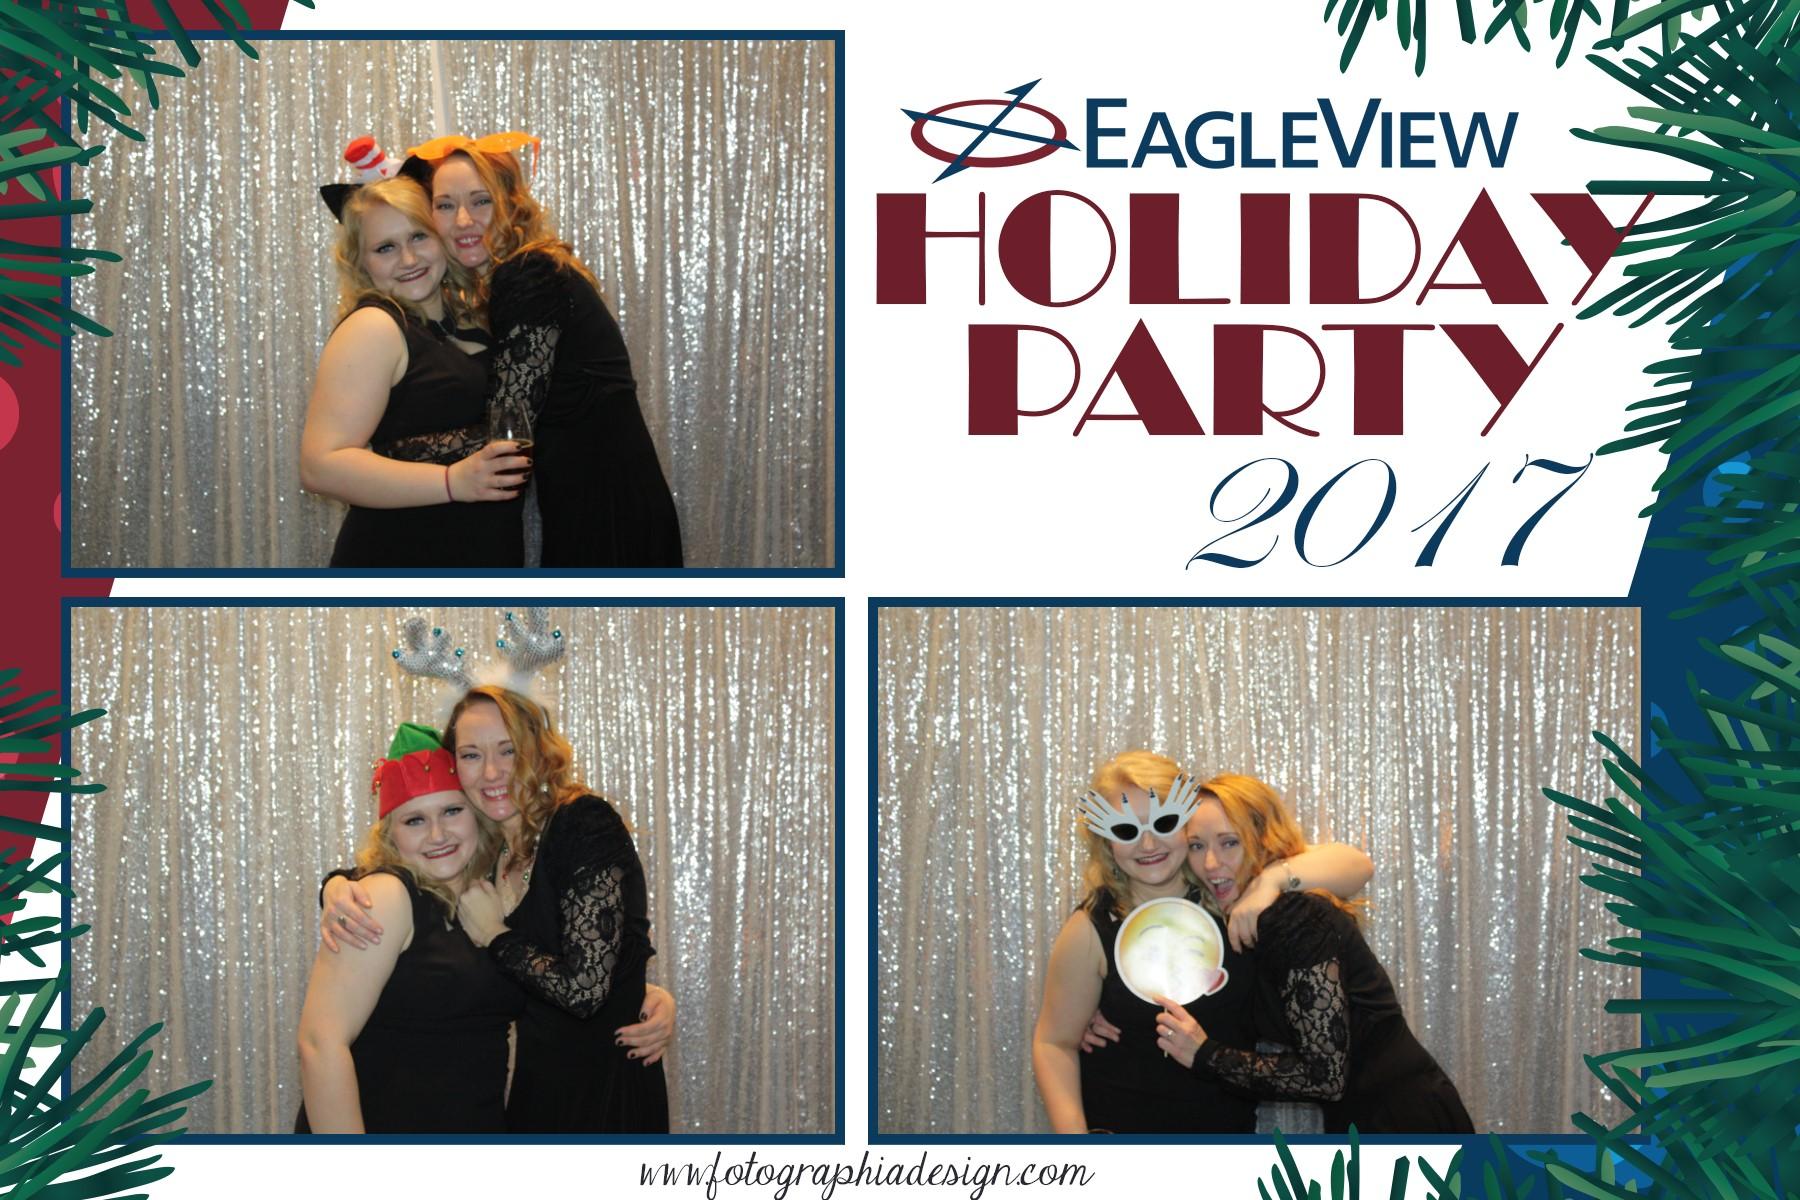 Eagleview_Prints_55.jpg